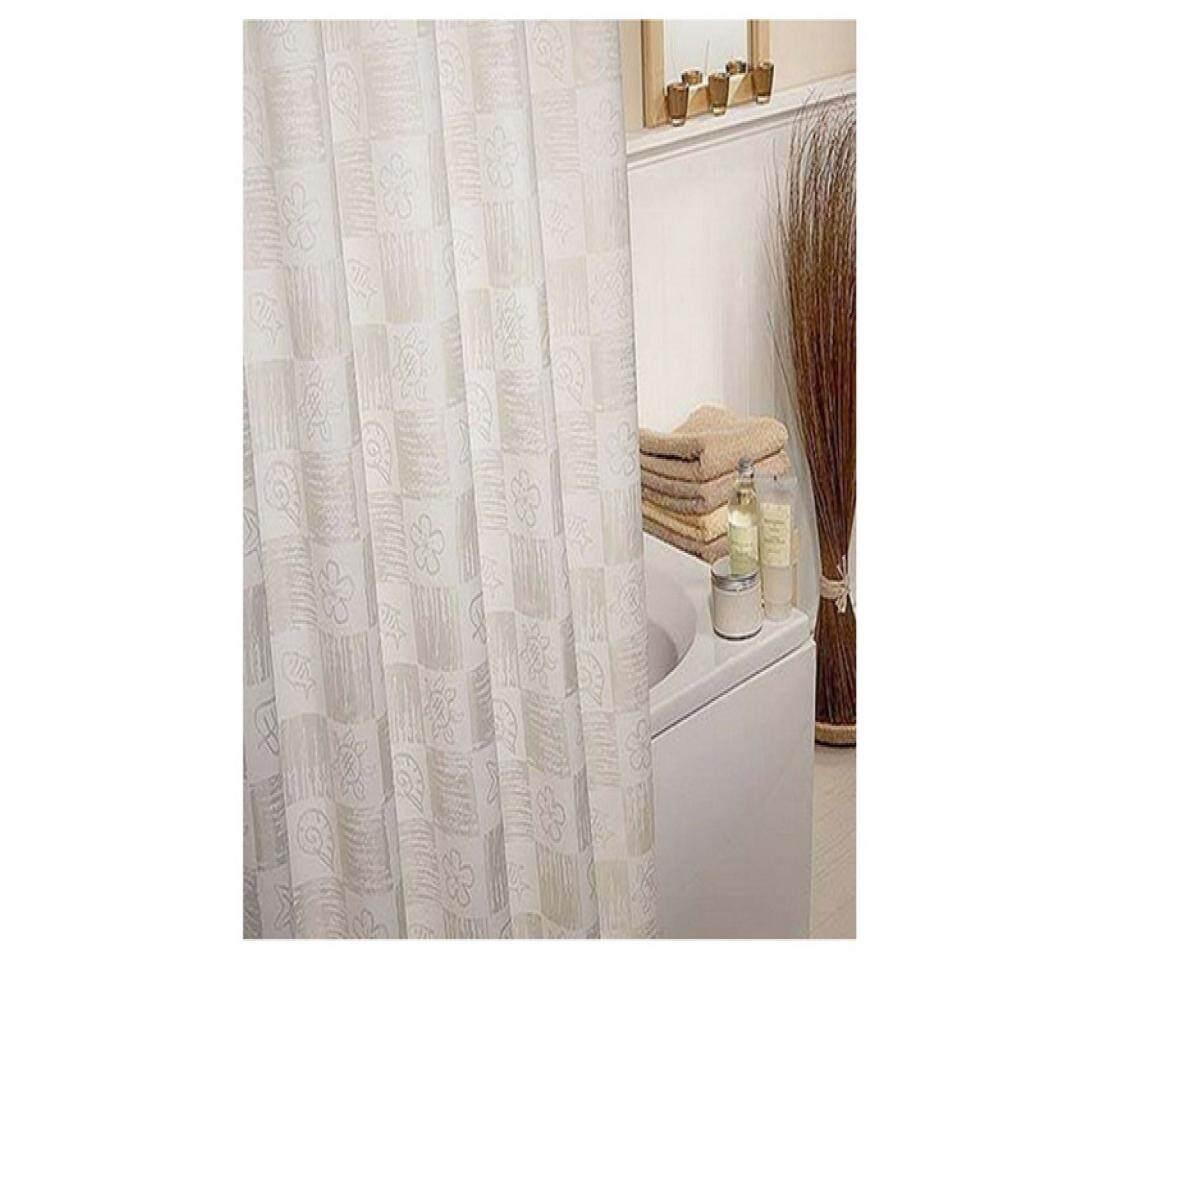 Shower Curtain ม่านห้องน้ำ Poly Moya Acs1366 180x180 By The Eight Shop.